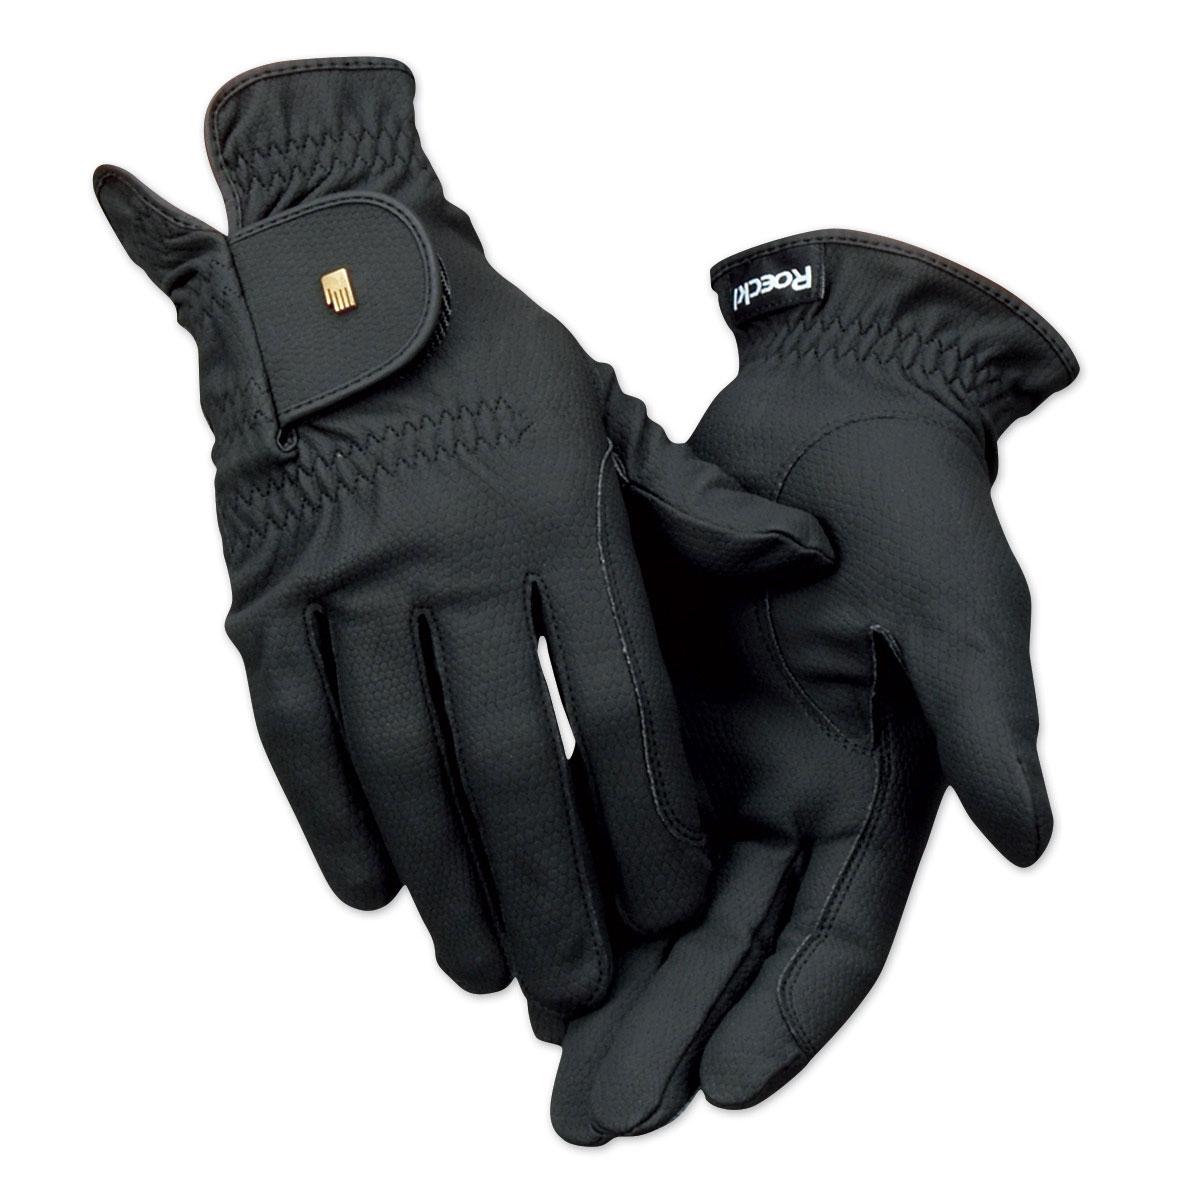 Roeckl Sports Roeck-Grip Junior Gloves